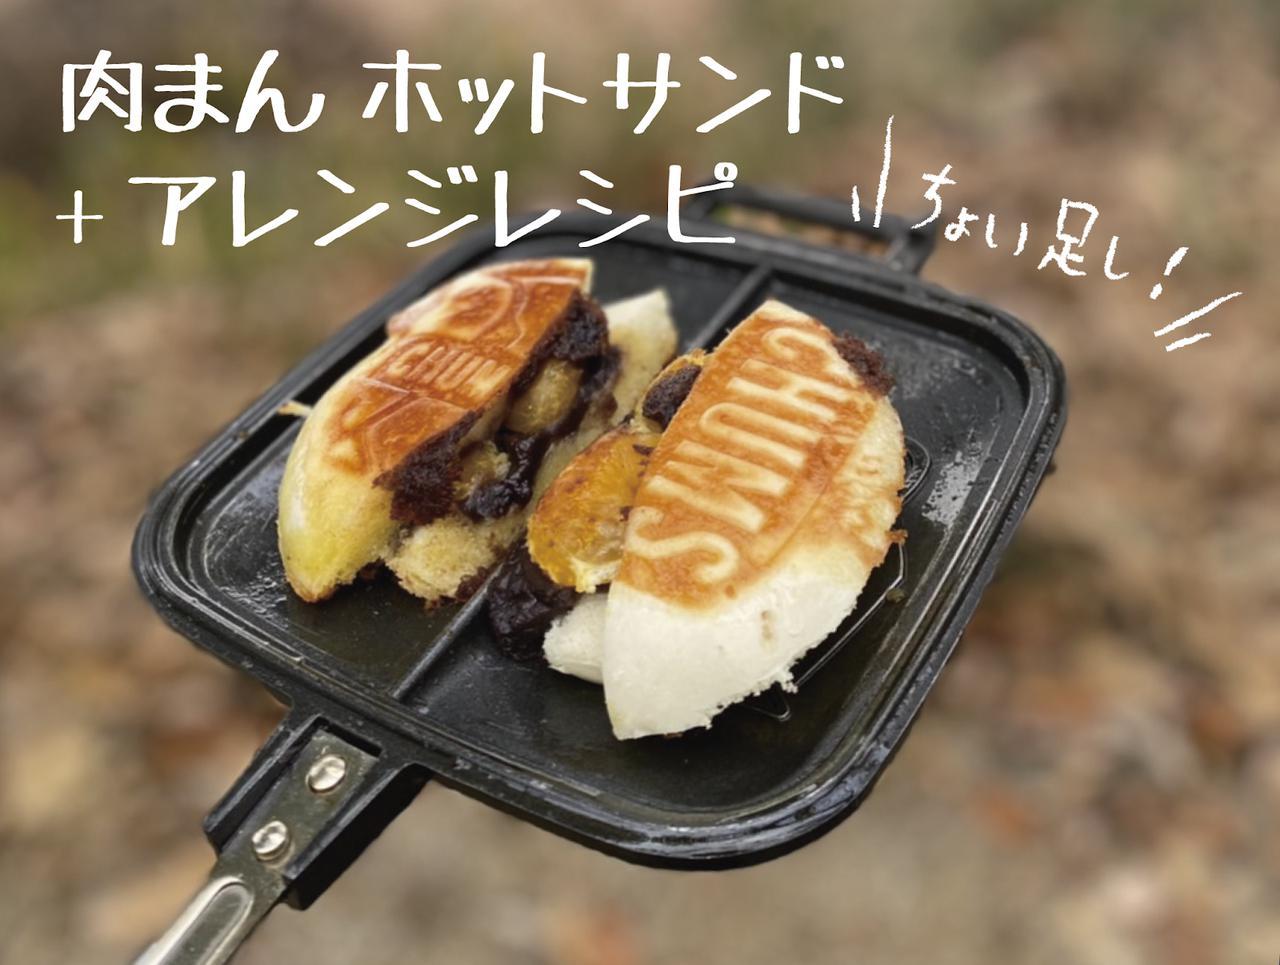 画像: 基本レシピからアレンジまで! 誰でもお手軽キャンプ飯「肉まんホットサンド」を楽しんじゃおう!